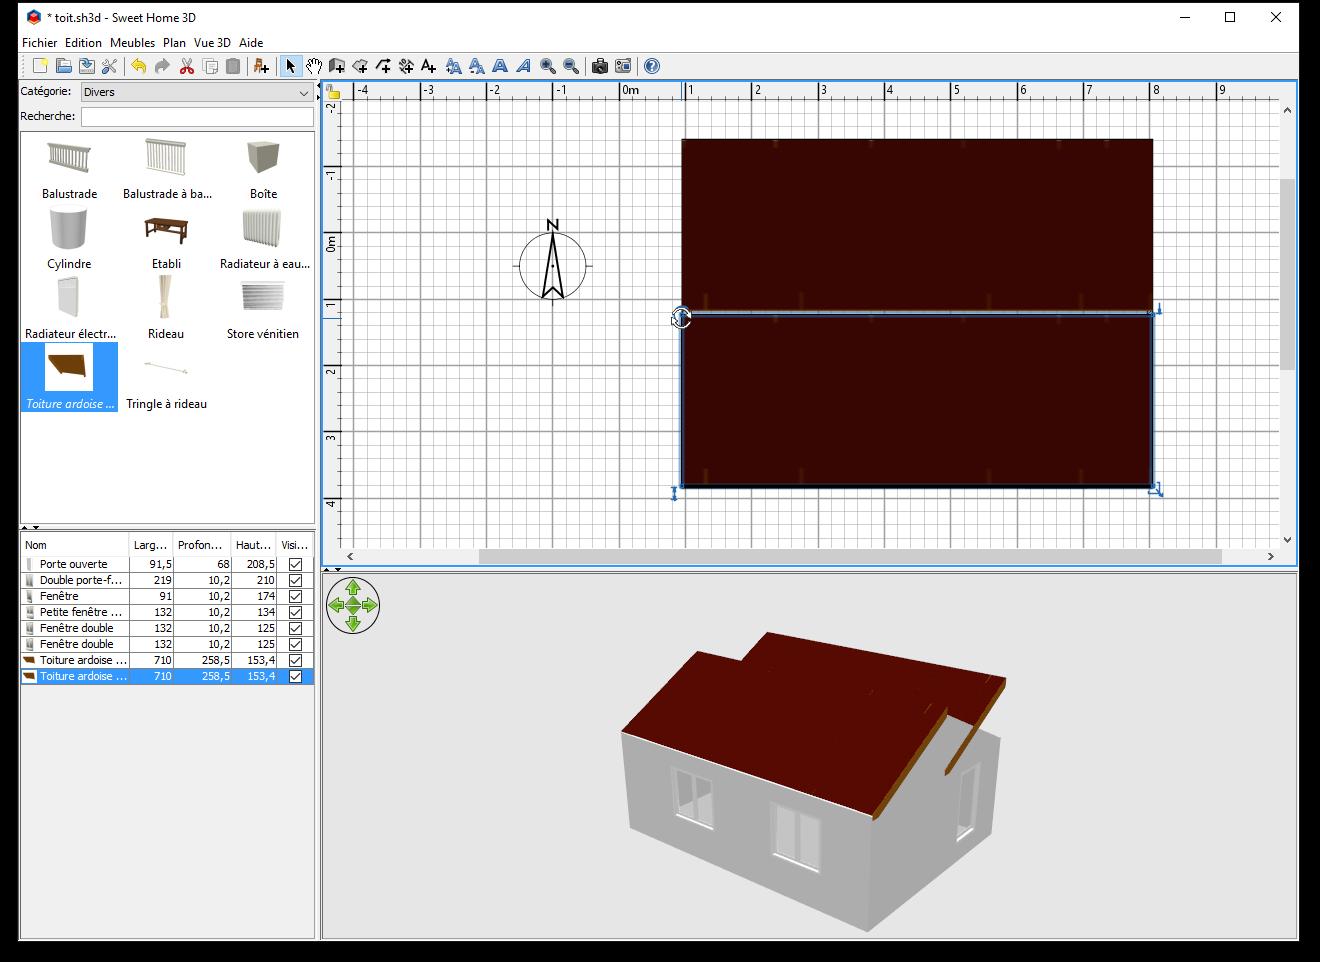 comment ajouter un toit dans sweet home 3d. Black Bedroom Furniture Sets. Home Design Ideas